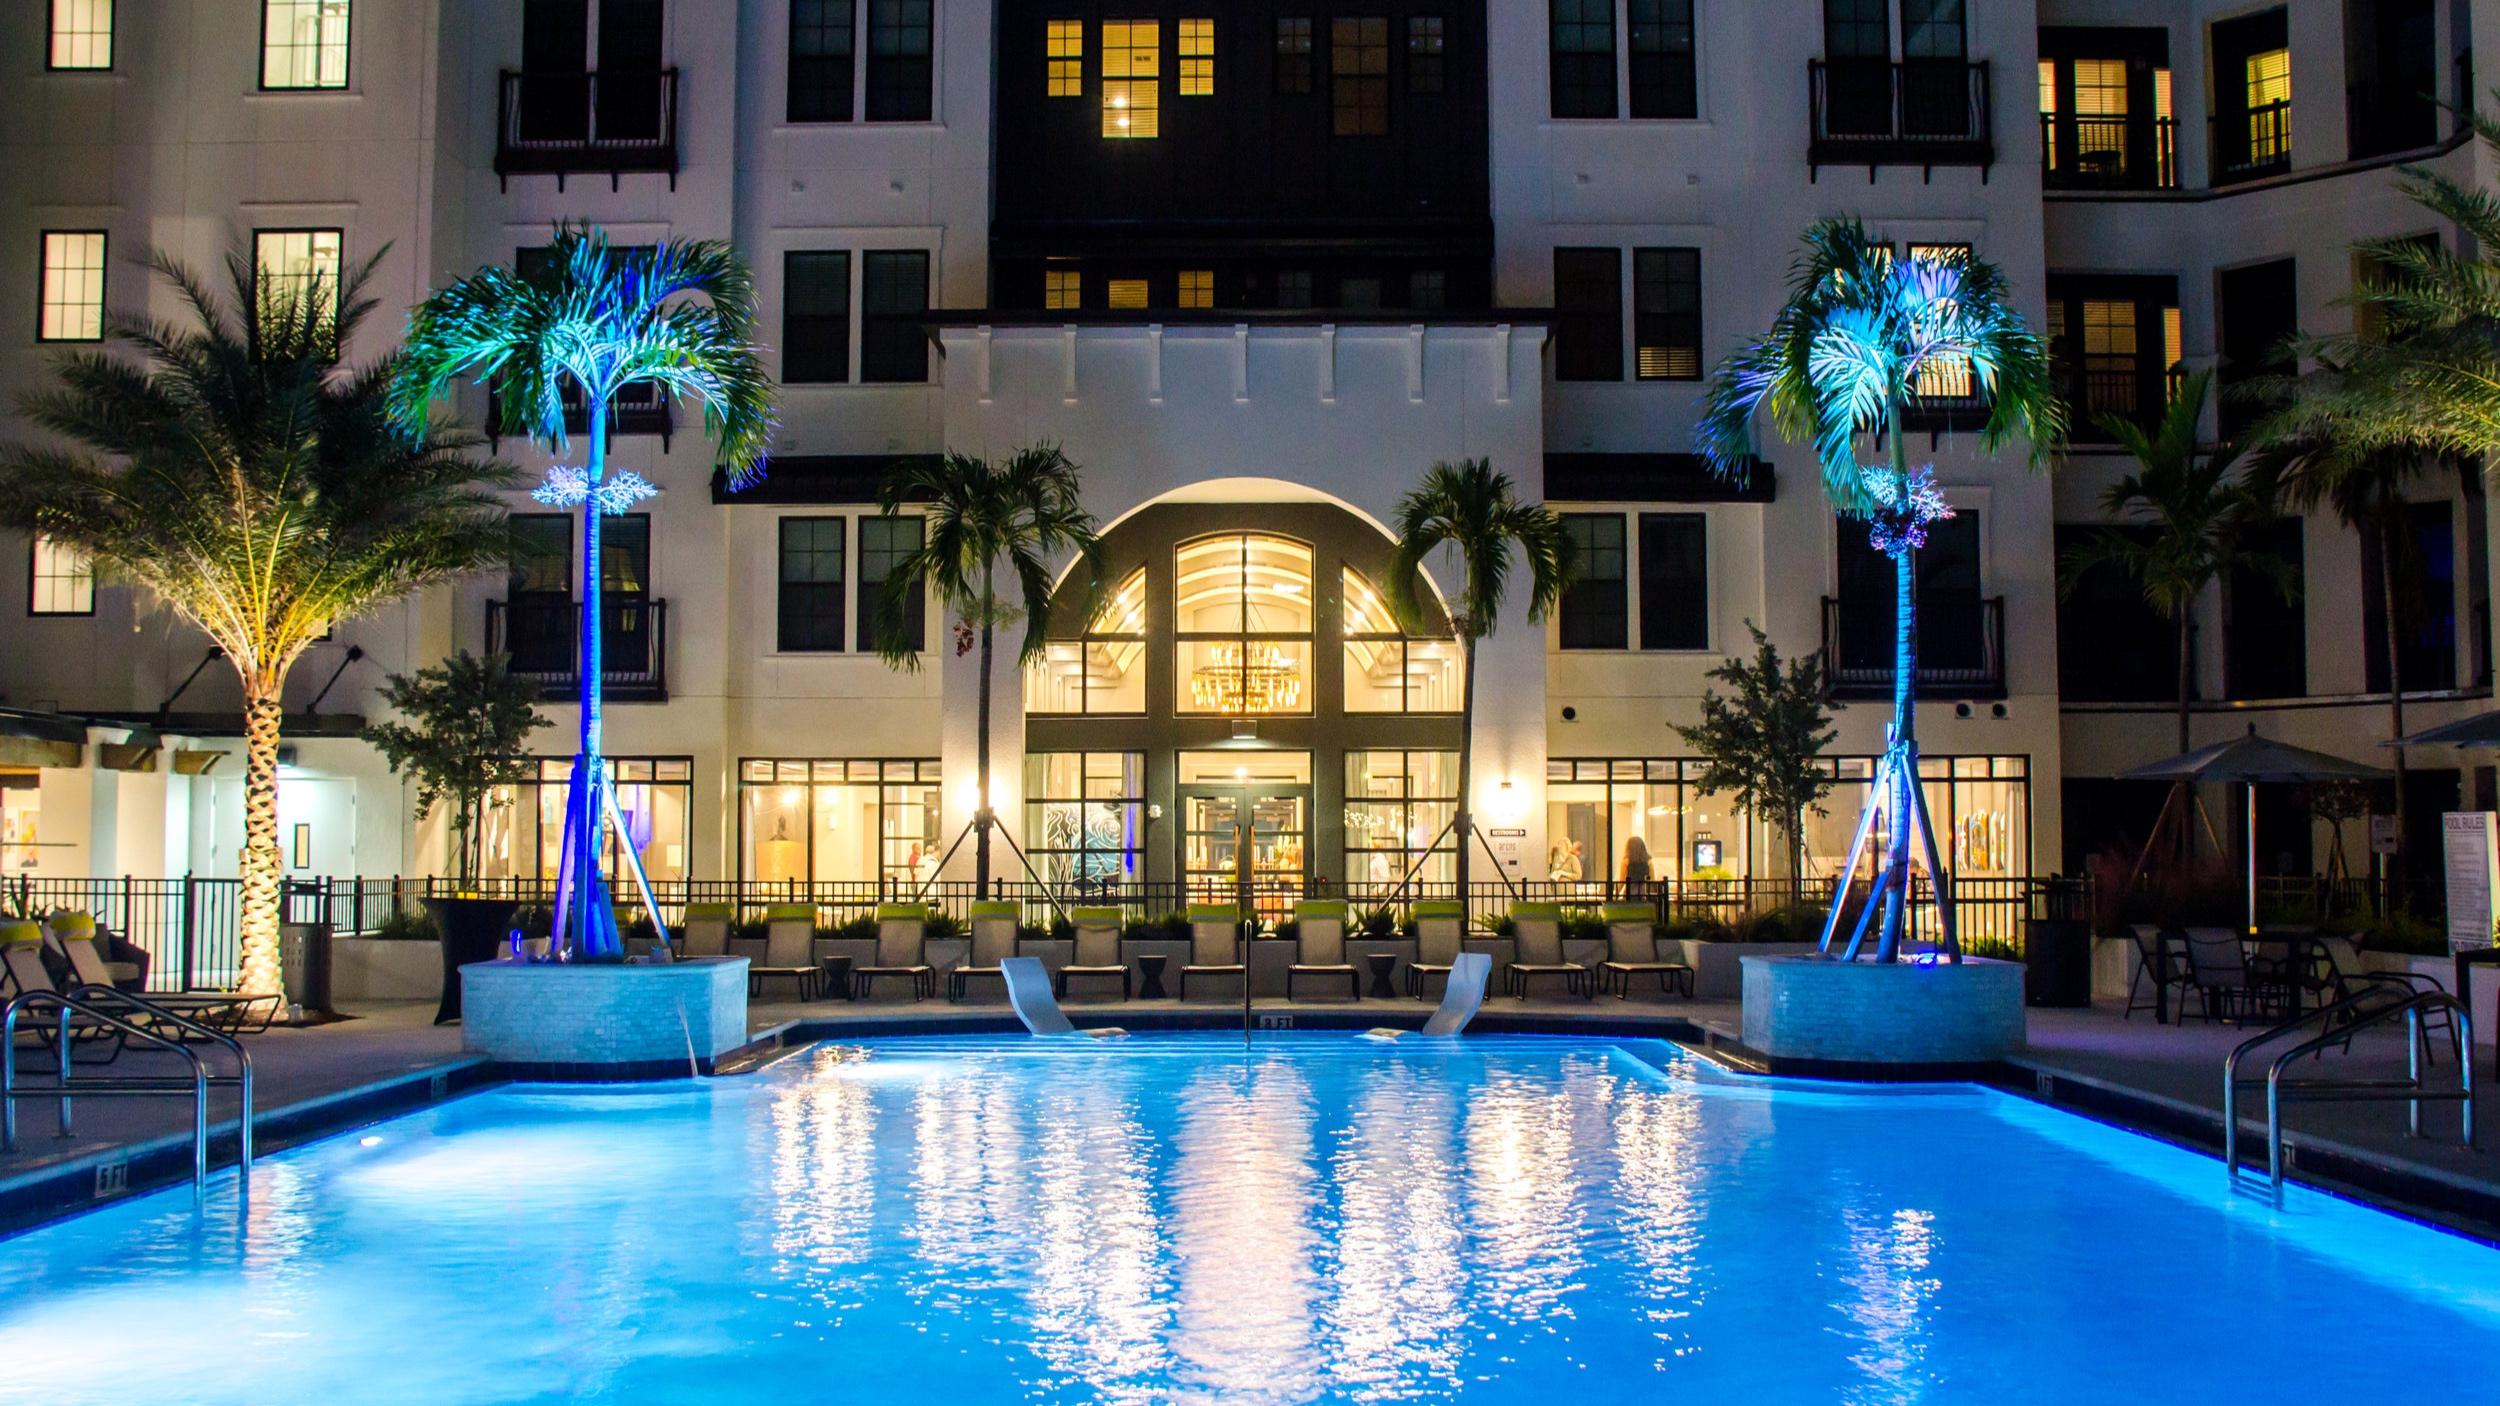 Arcos - Sarasota Florida